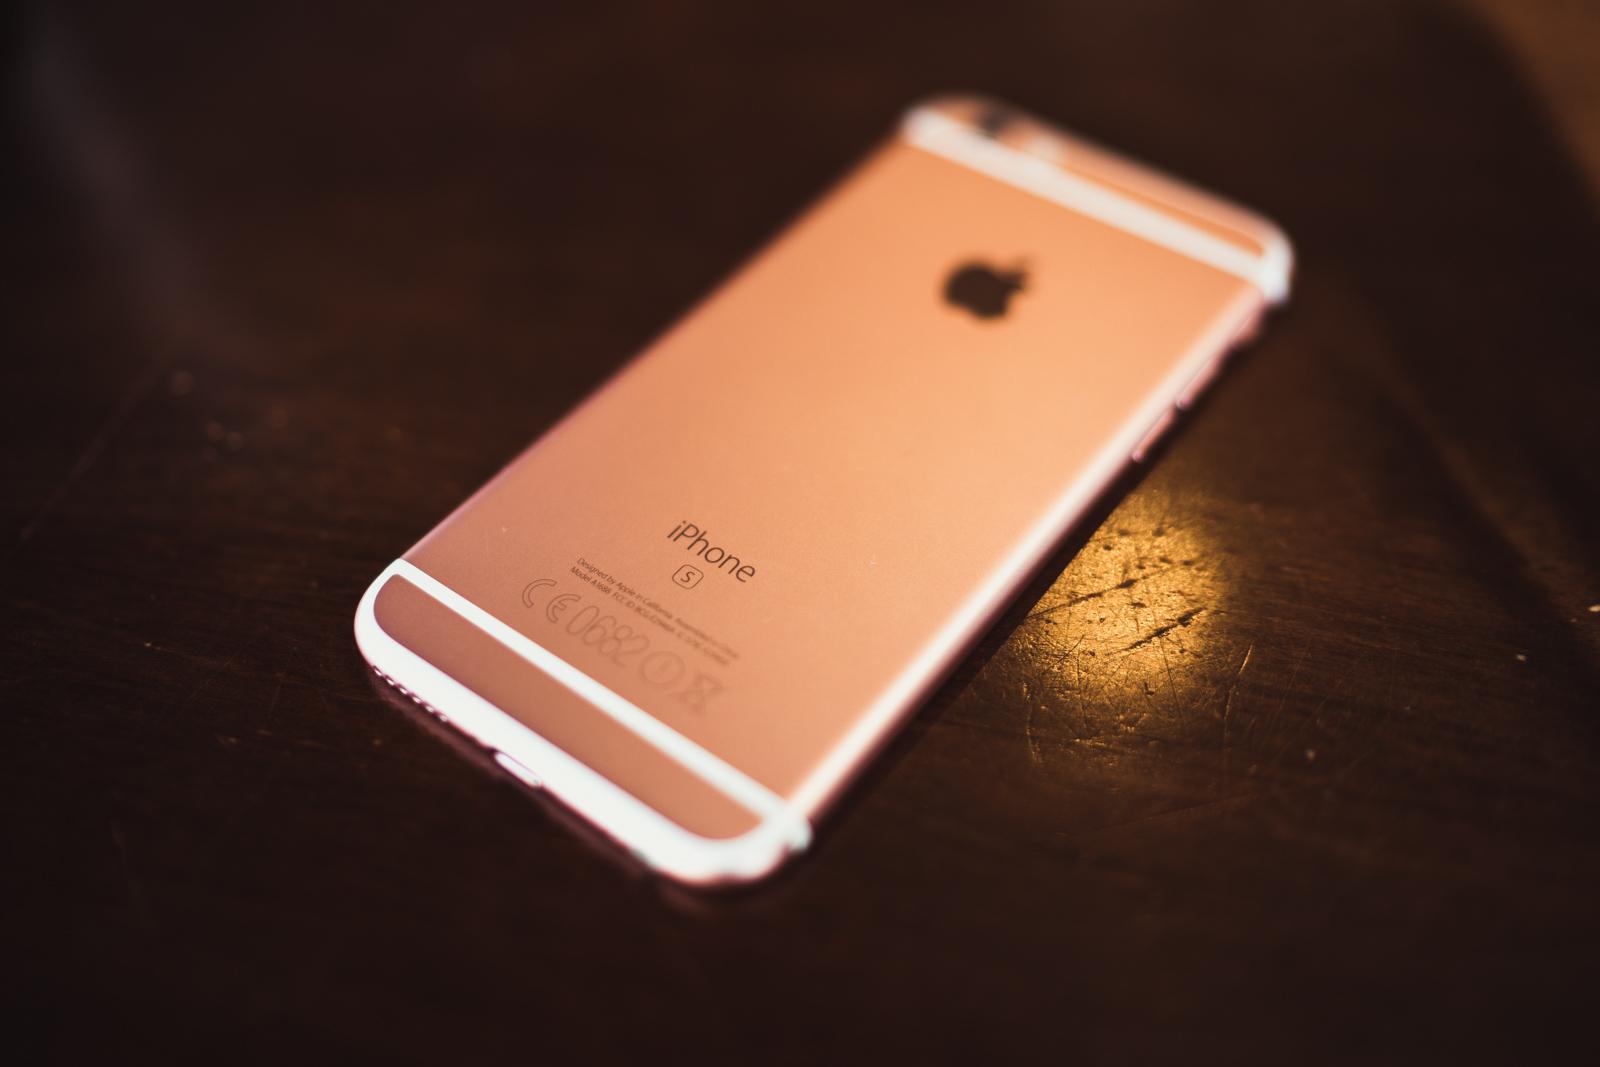 iPhone 6s, czyli najlepszy iPhone od wynalezienia iPhone'a – recenzja i wideo Spider's Web